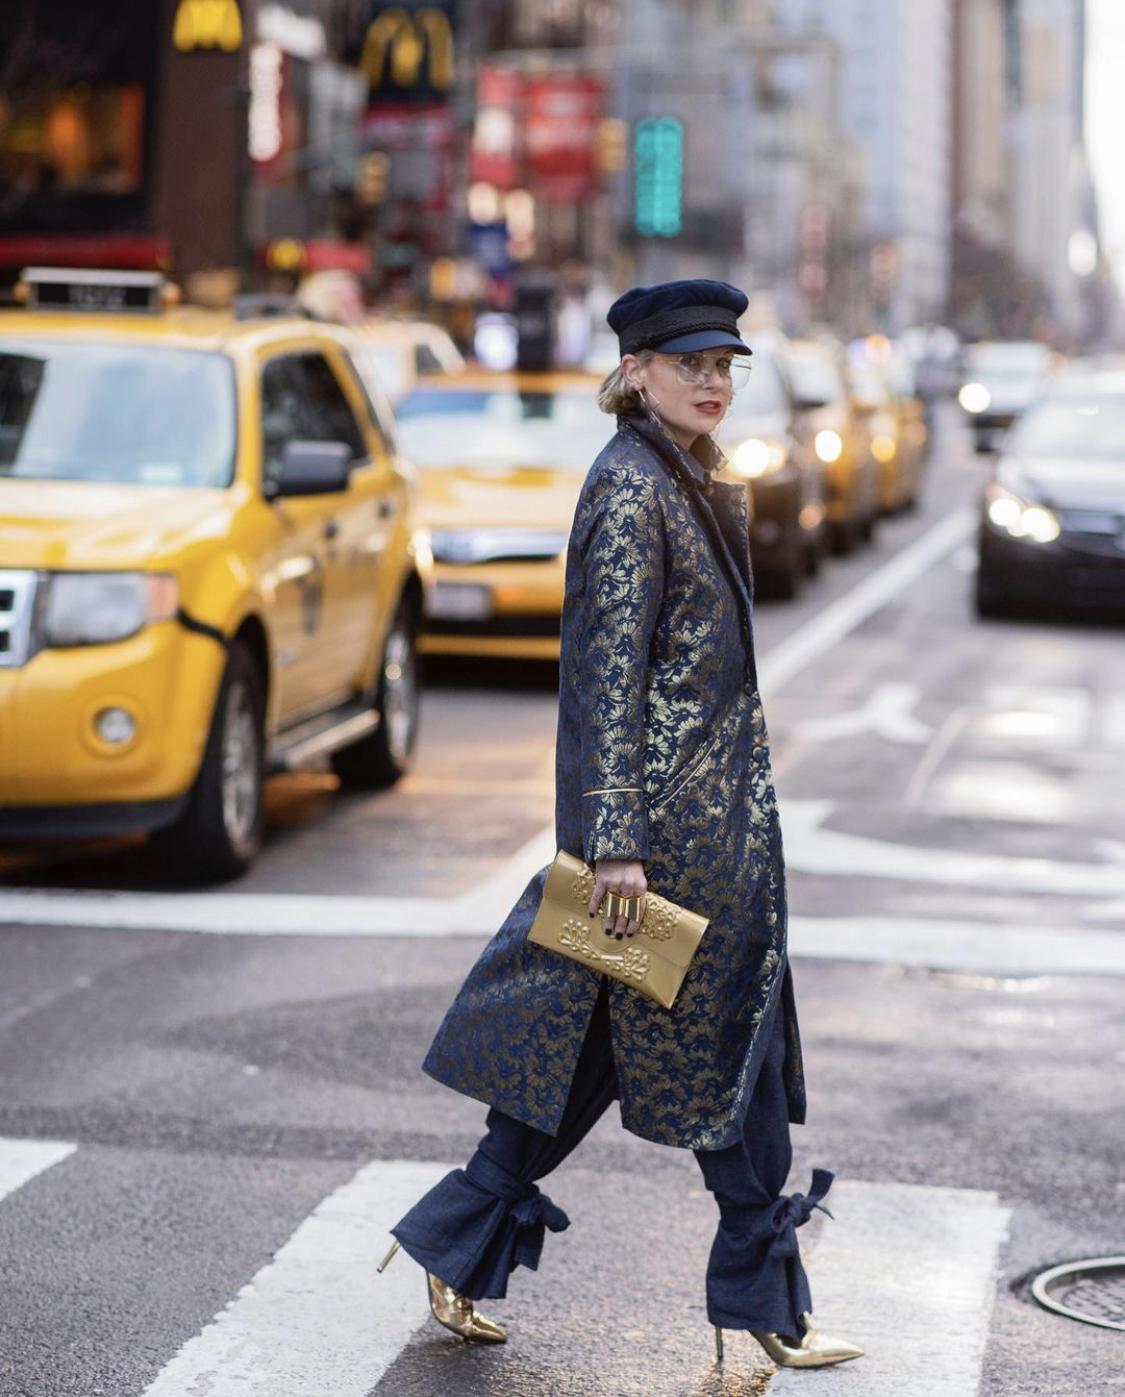 שירי ויצנר אופנת רחוב ניו יורק צילום אסף ליברפרוינד